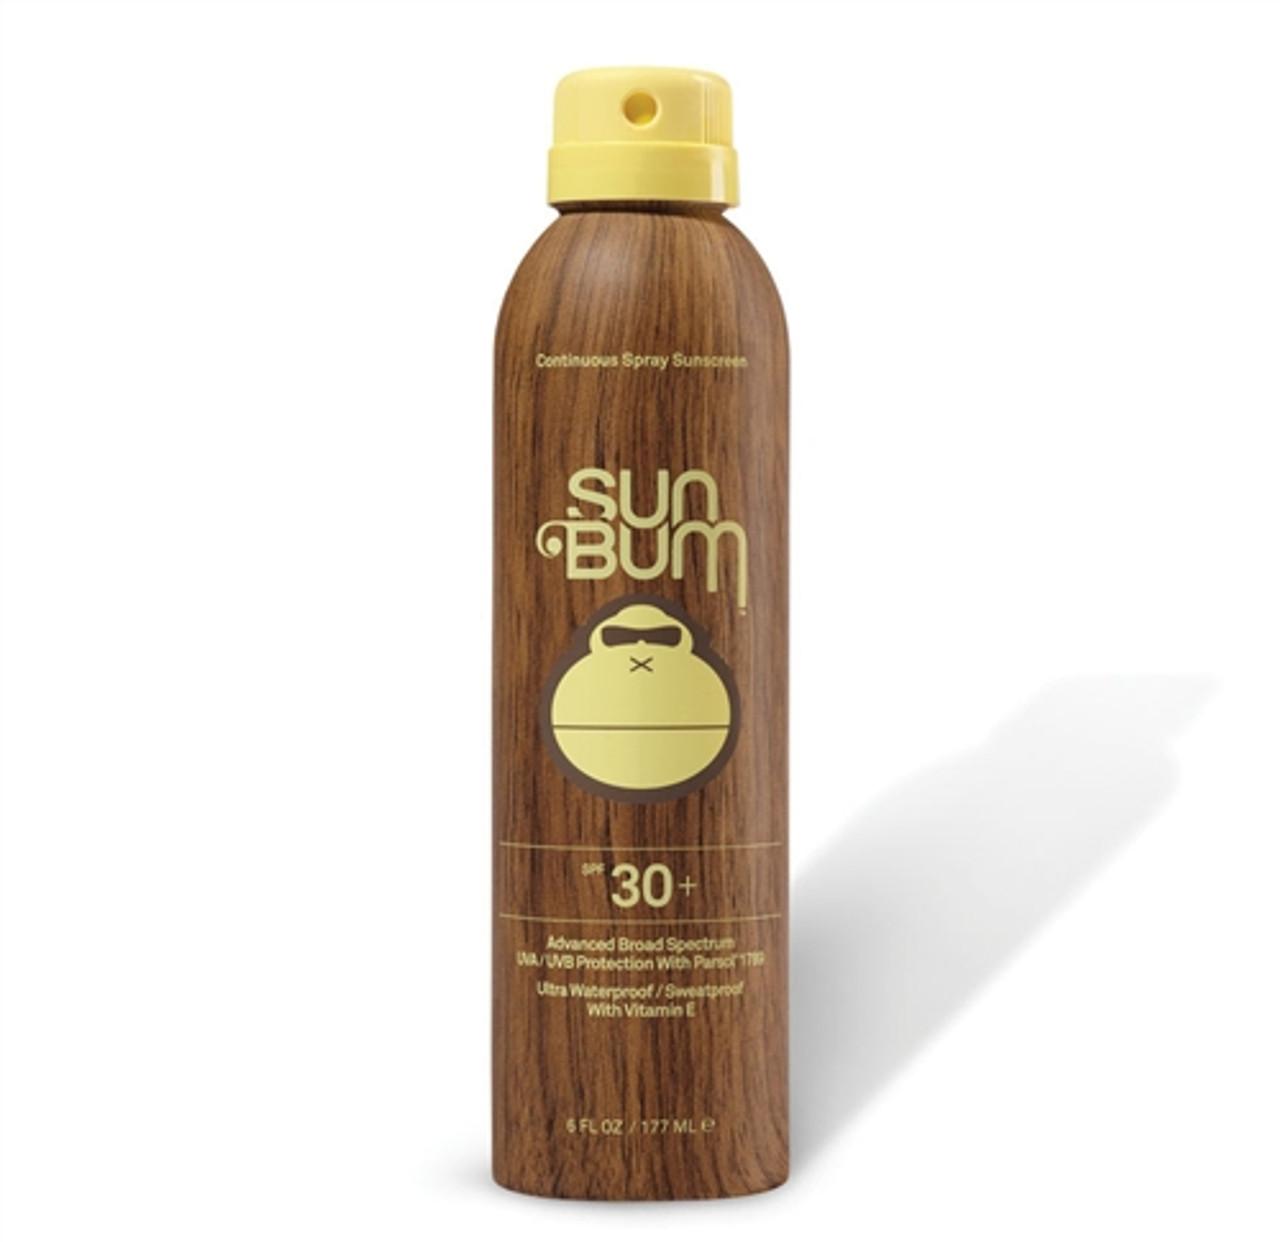 Sun Bum Continuous Spray Sunscreen - SPF 30